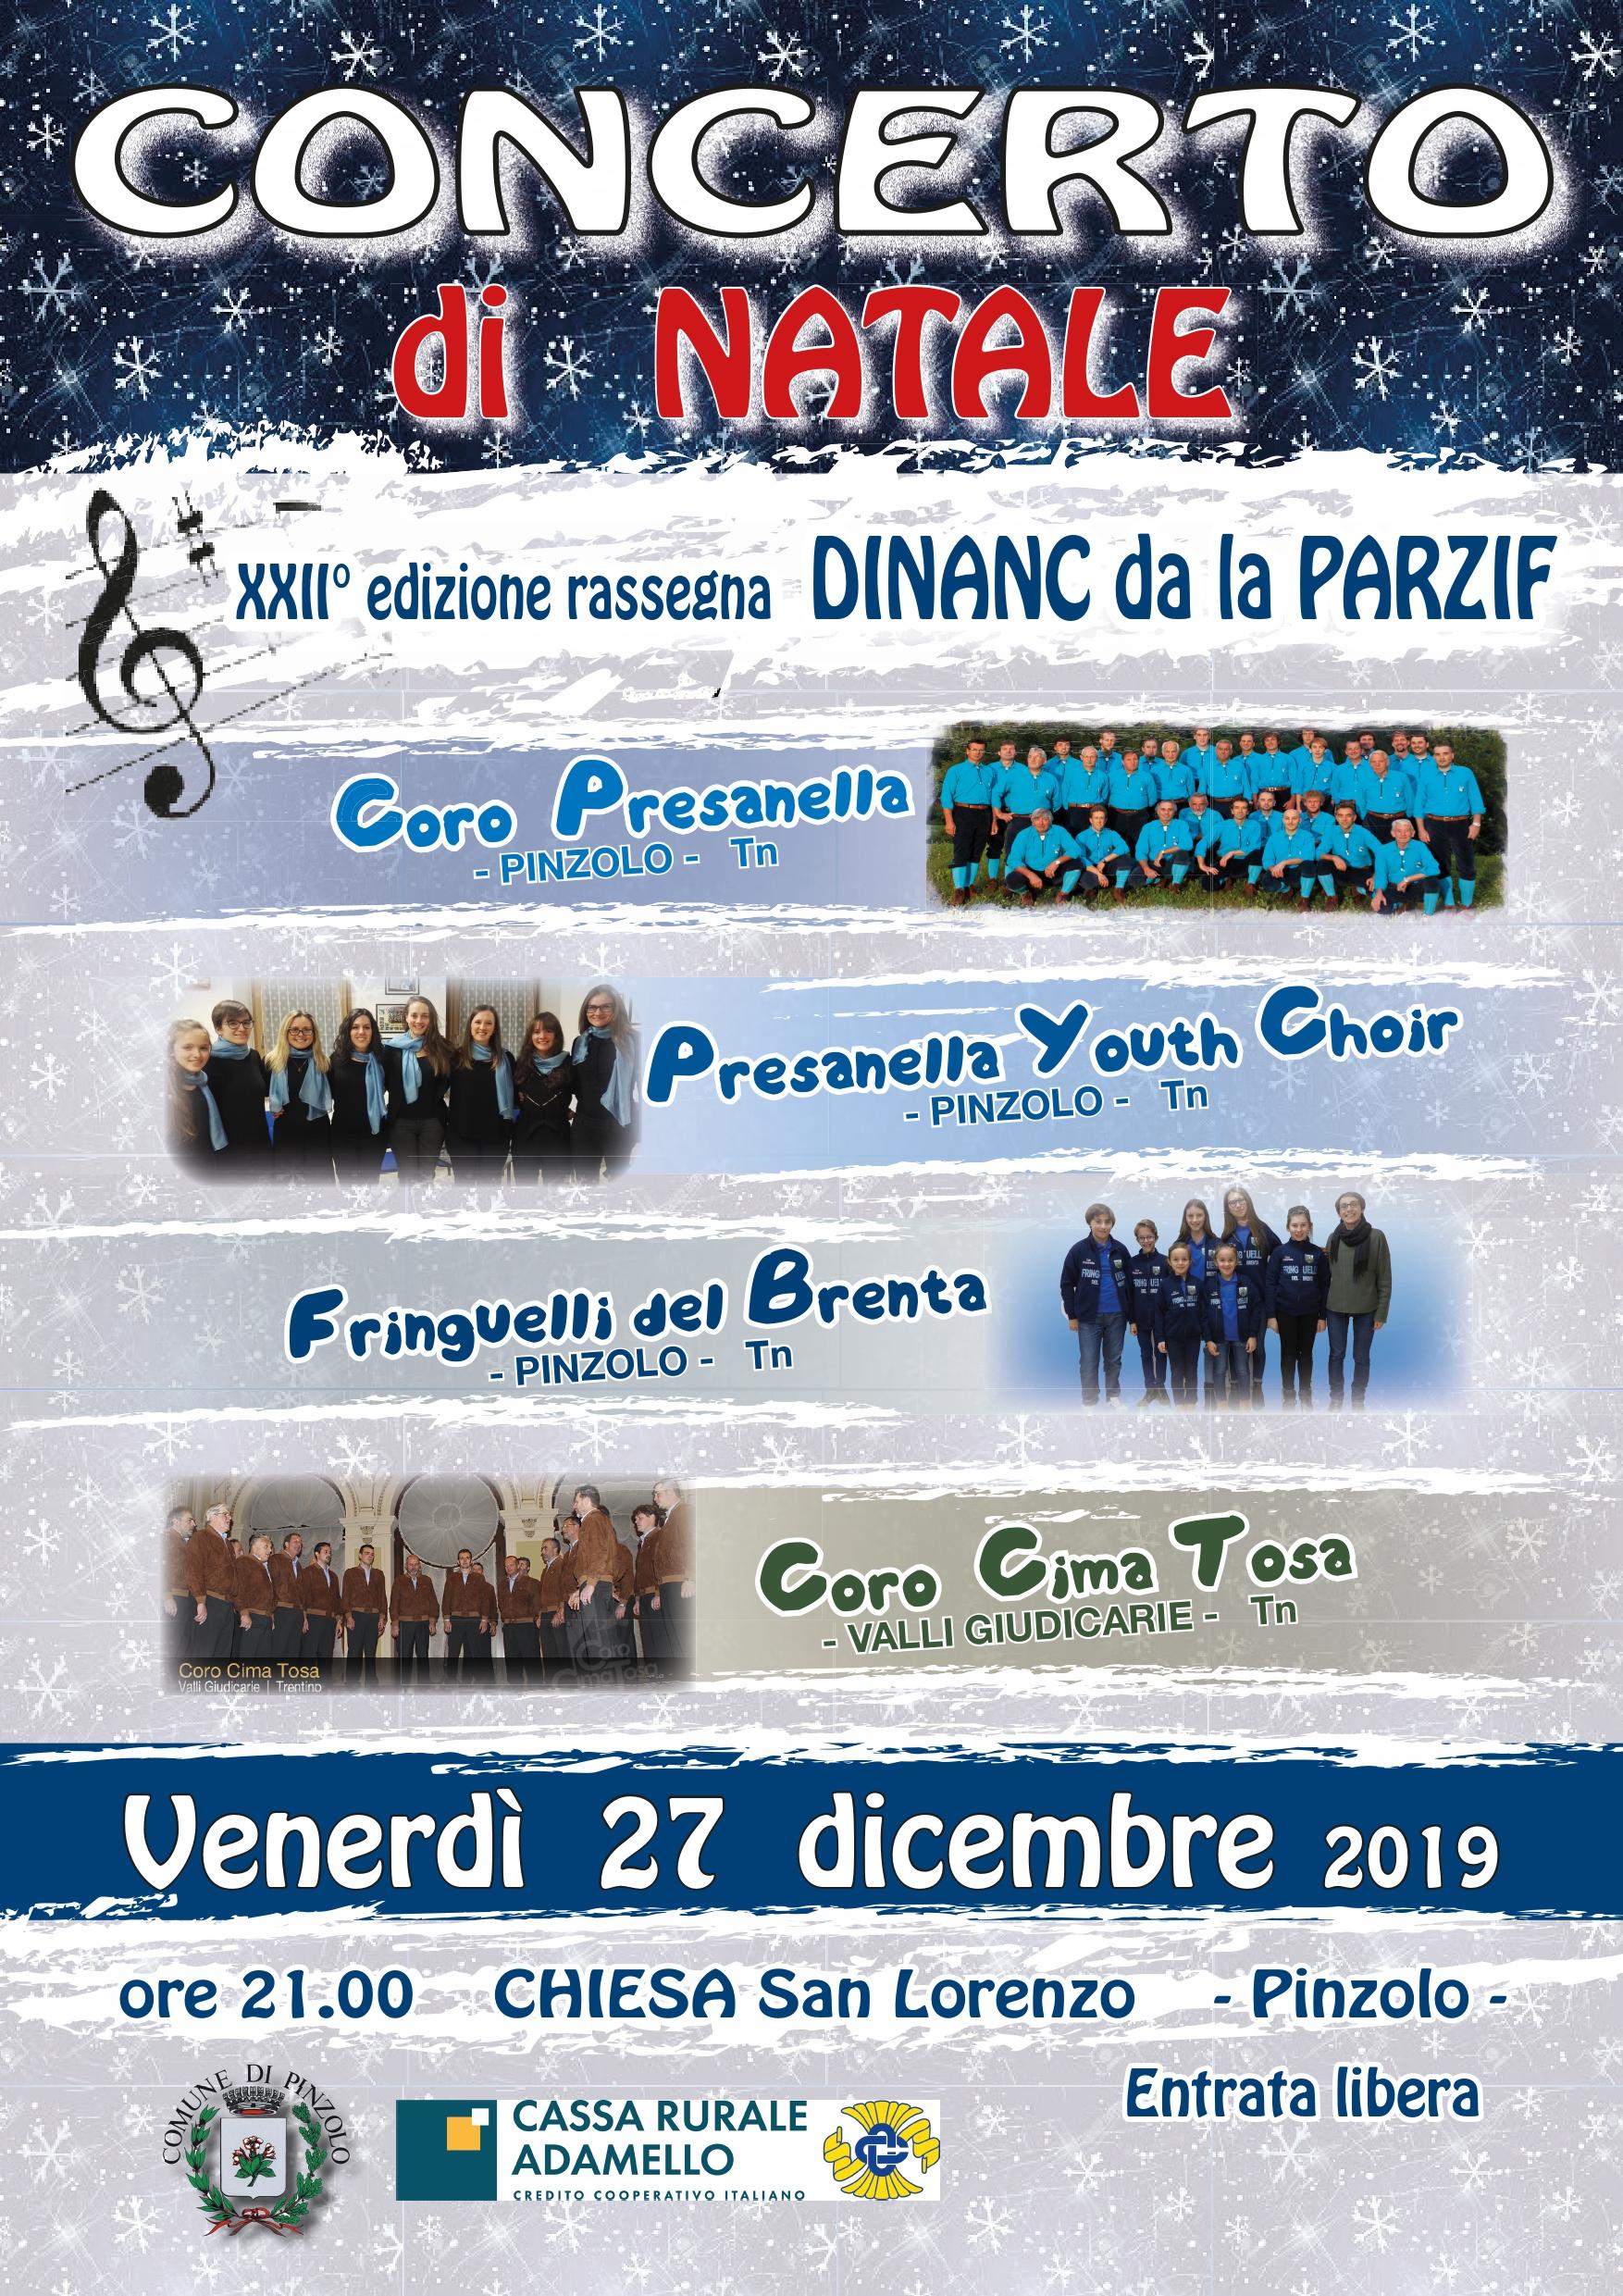 Concerto di Natale 27 dicembre – DINANC da la PARZIF